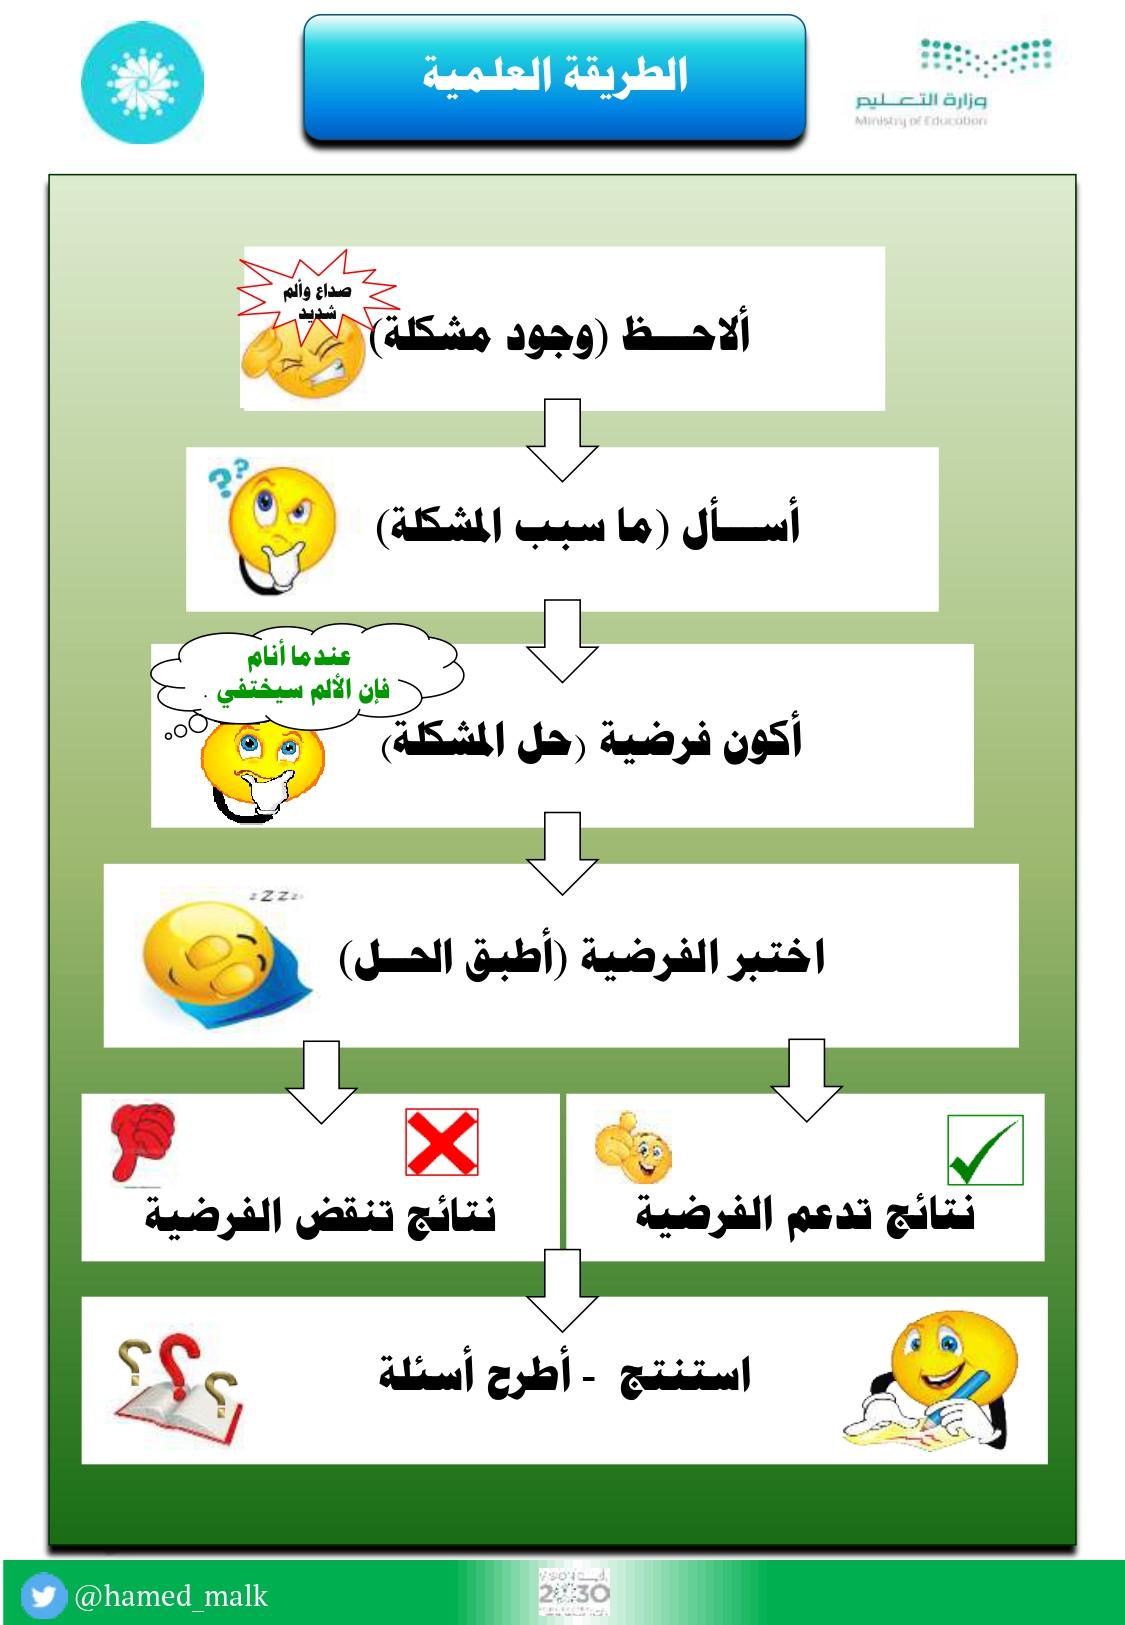 أنفوجرافيك خطوات حل المشكلات بالطريقة العلمية Shms Saudi Oer Network